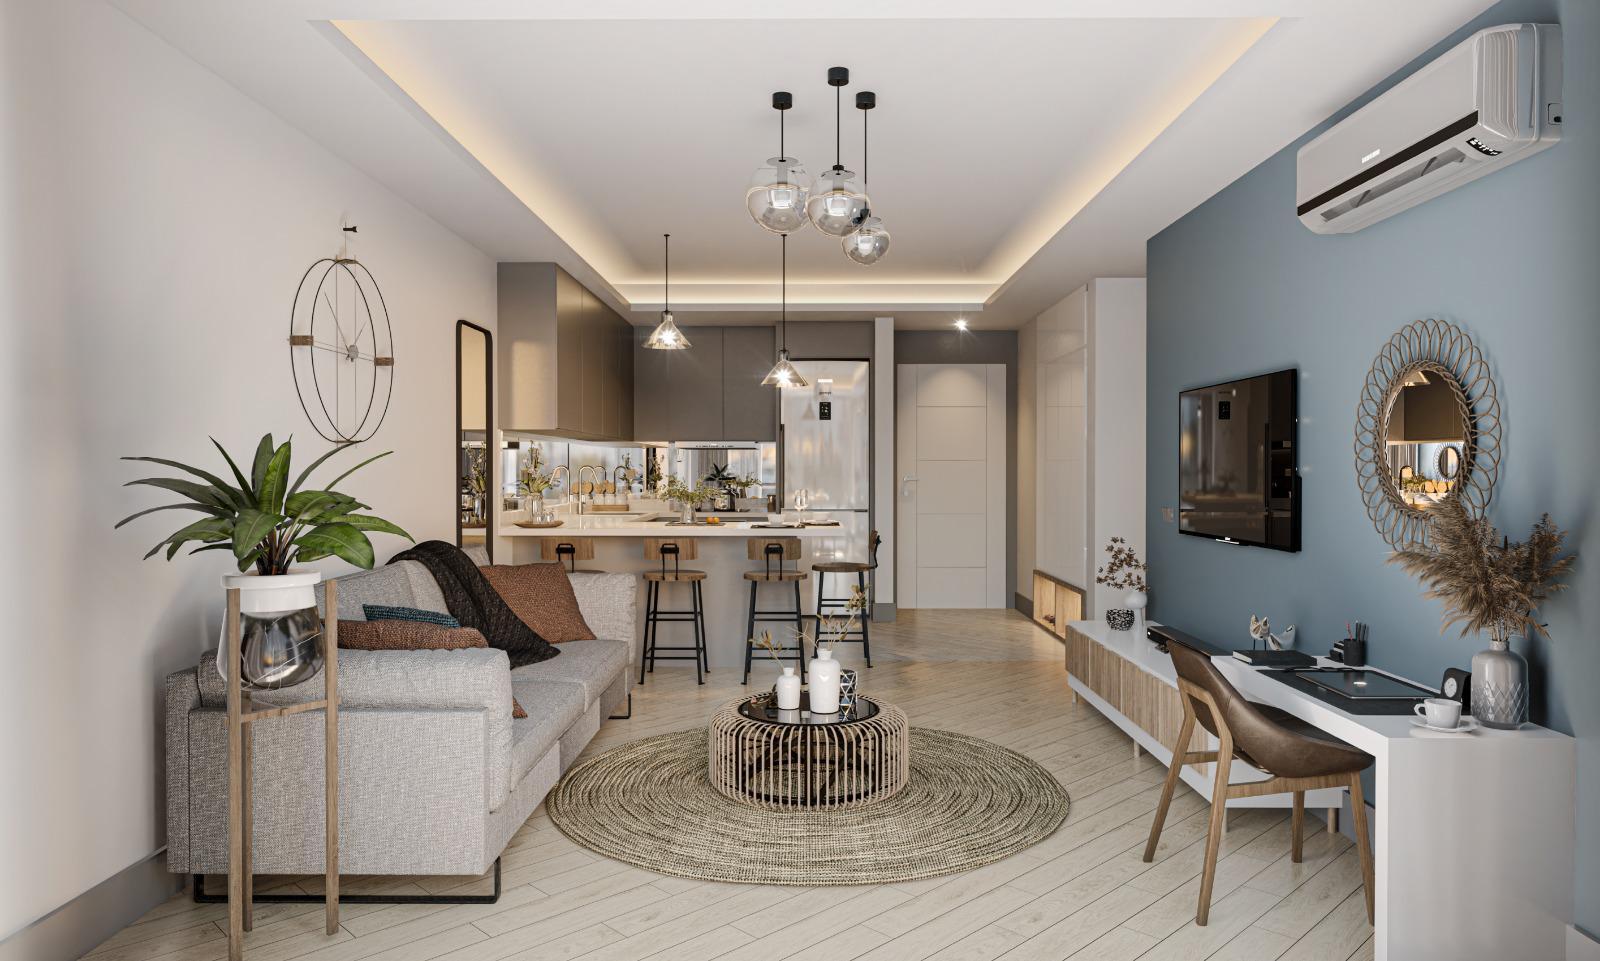 Инвестиционный проект жилого комплекса в Анталье - Фото 7